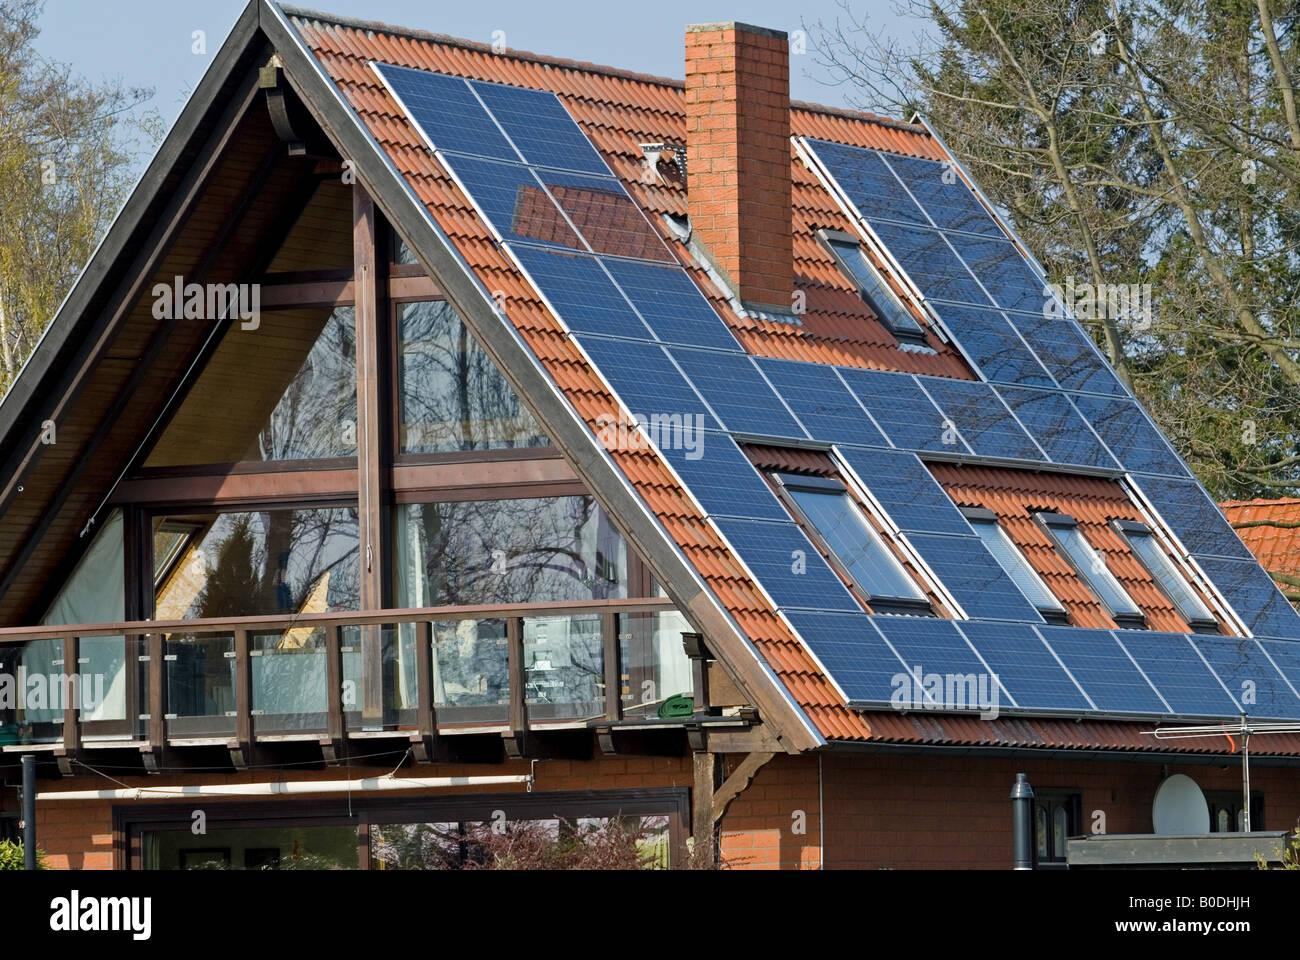 Paneles solares en una propiedad residencial en Hude am Dummer, Baja Sajonia, Alemania. Imagen De Stock